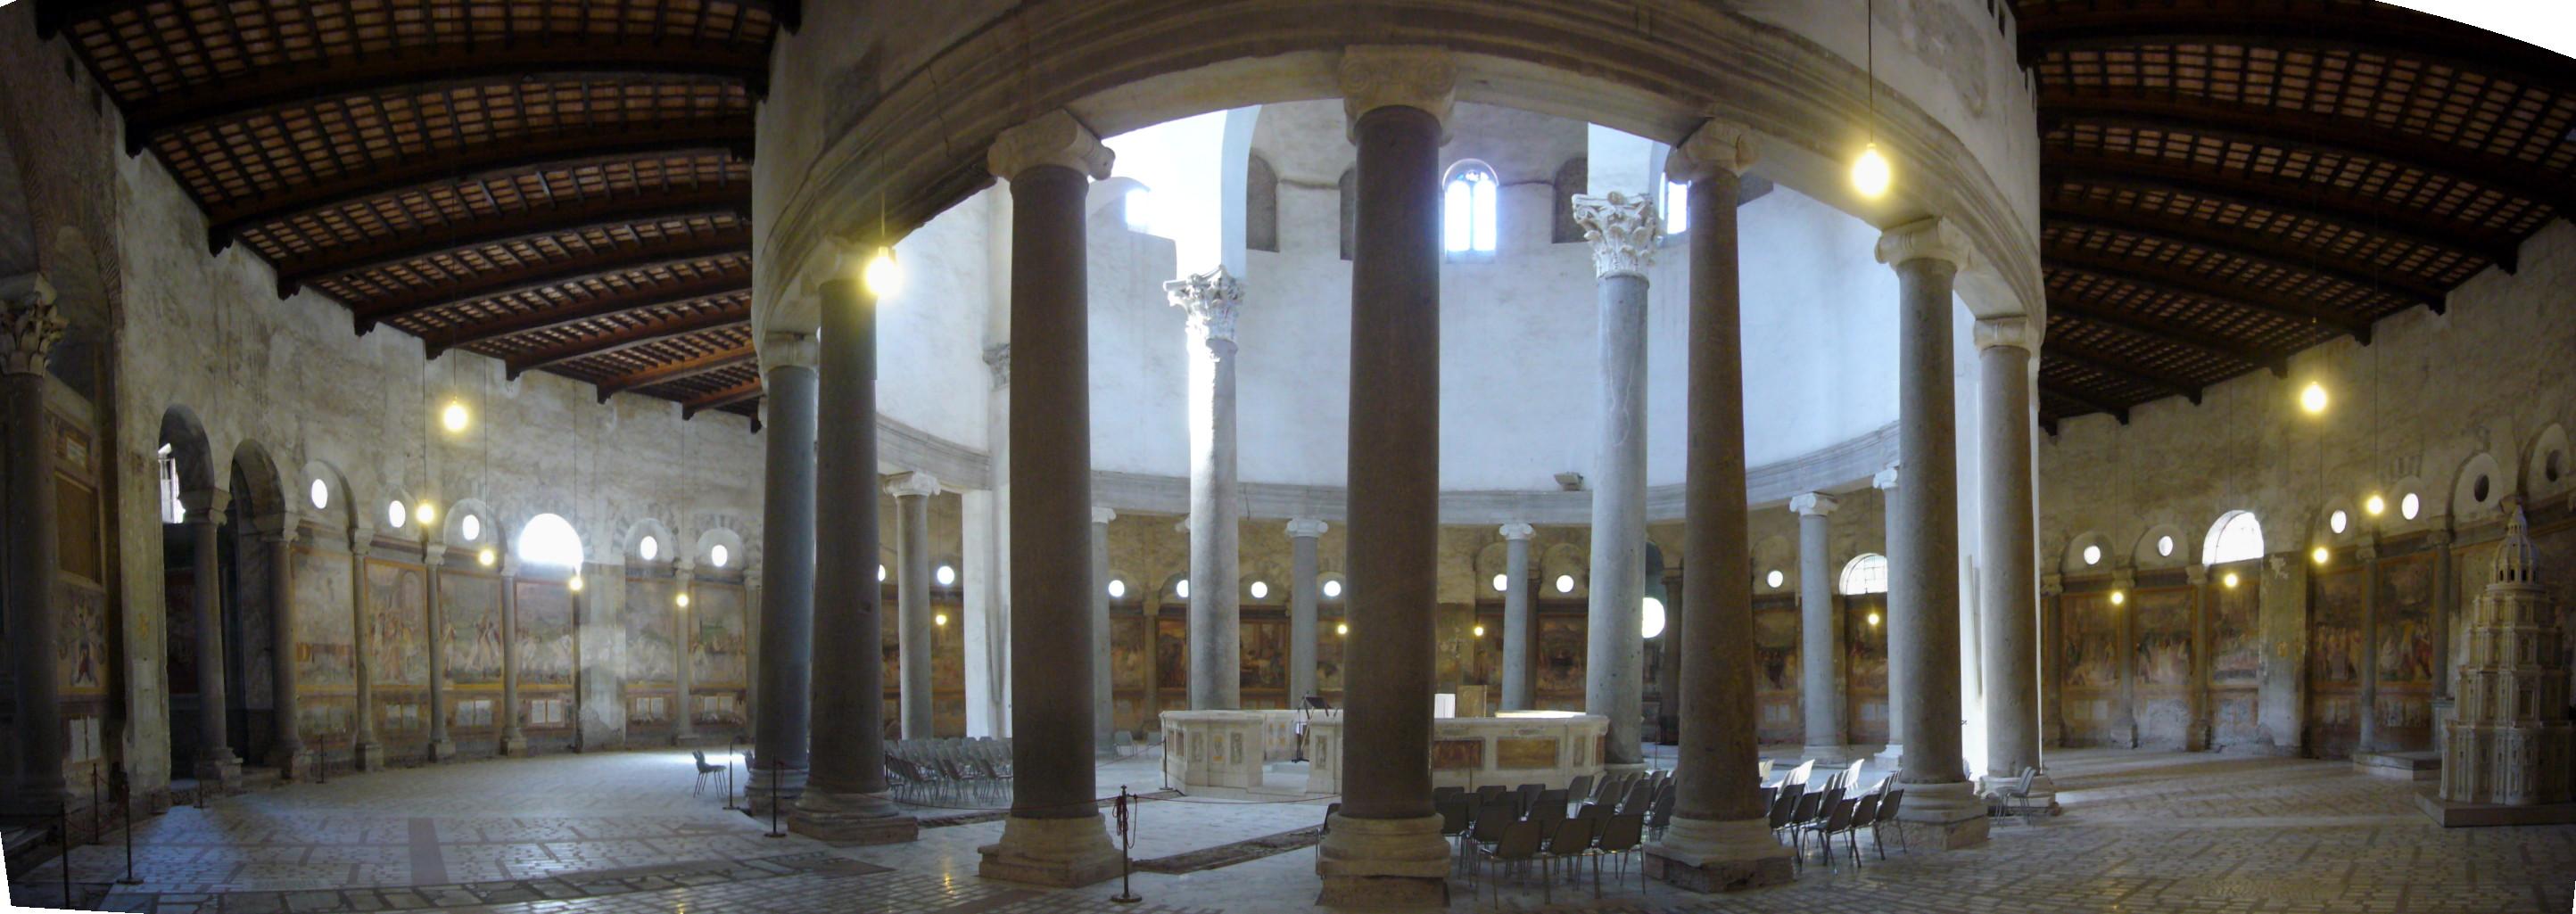 File celio s stefano rotondo 1040178 80 jpg wikimedia for Architecture byzantine definition